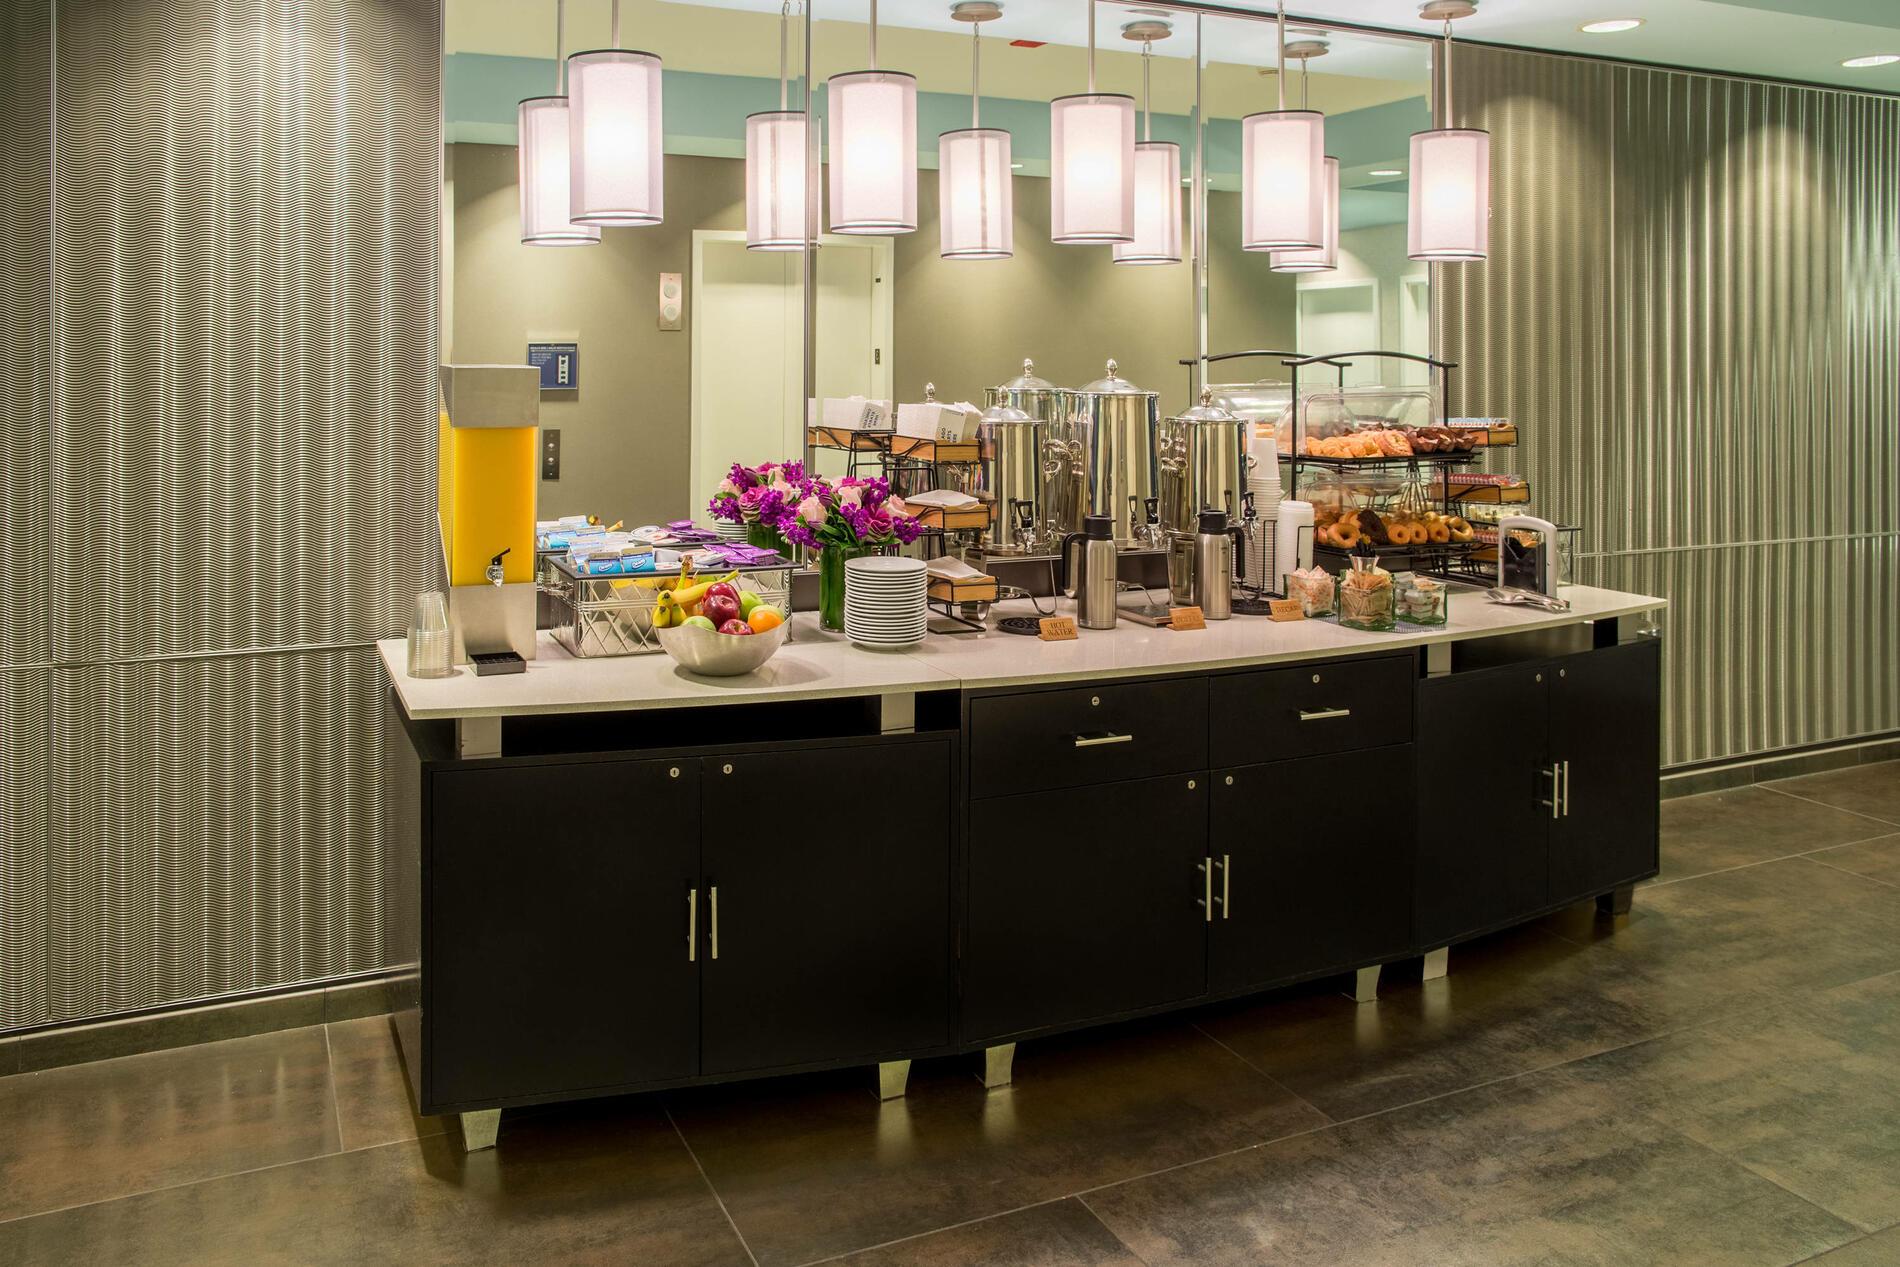 Kinzie Hotel Breakfast Buffet